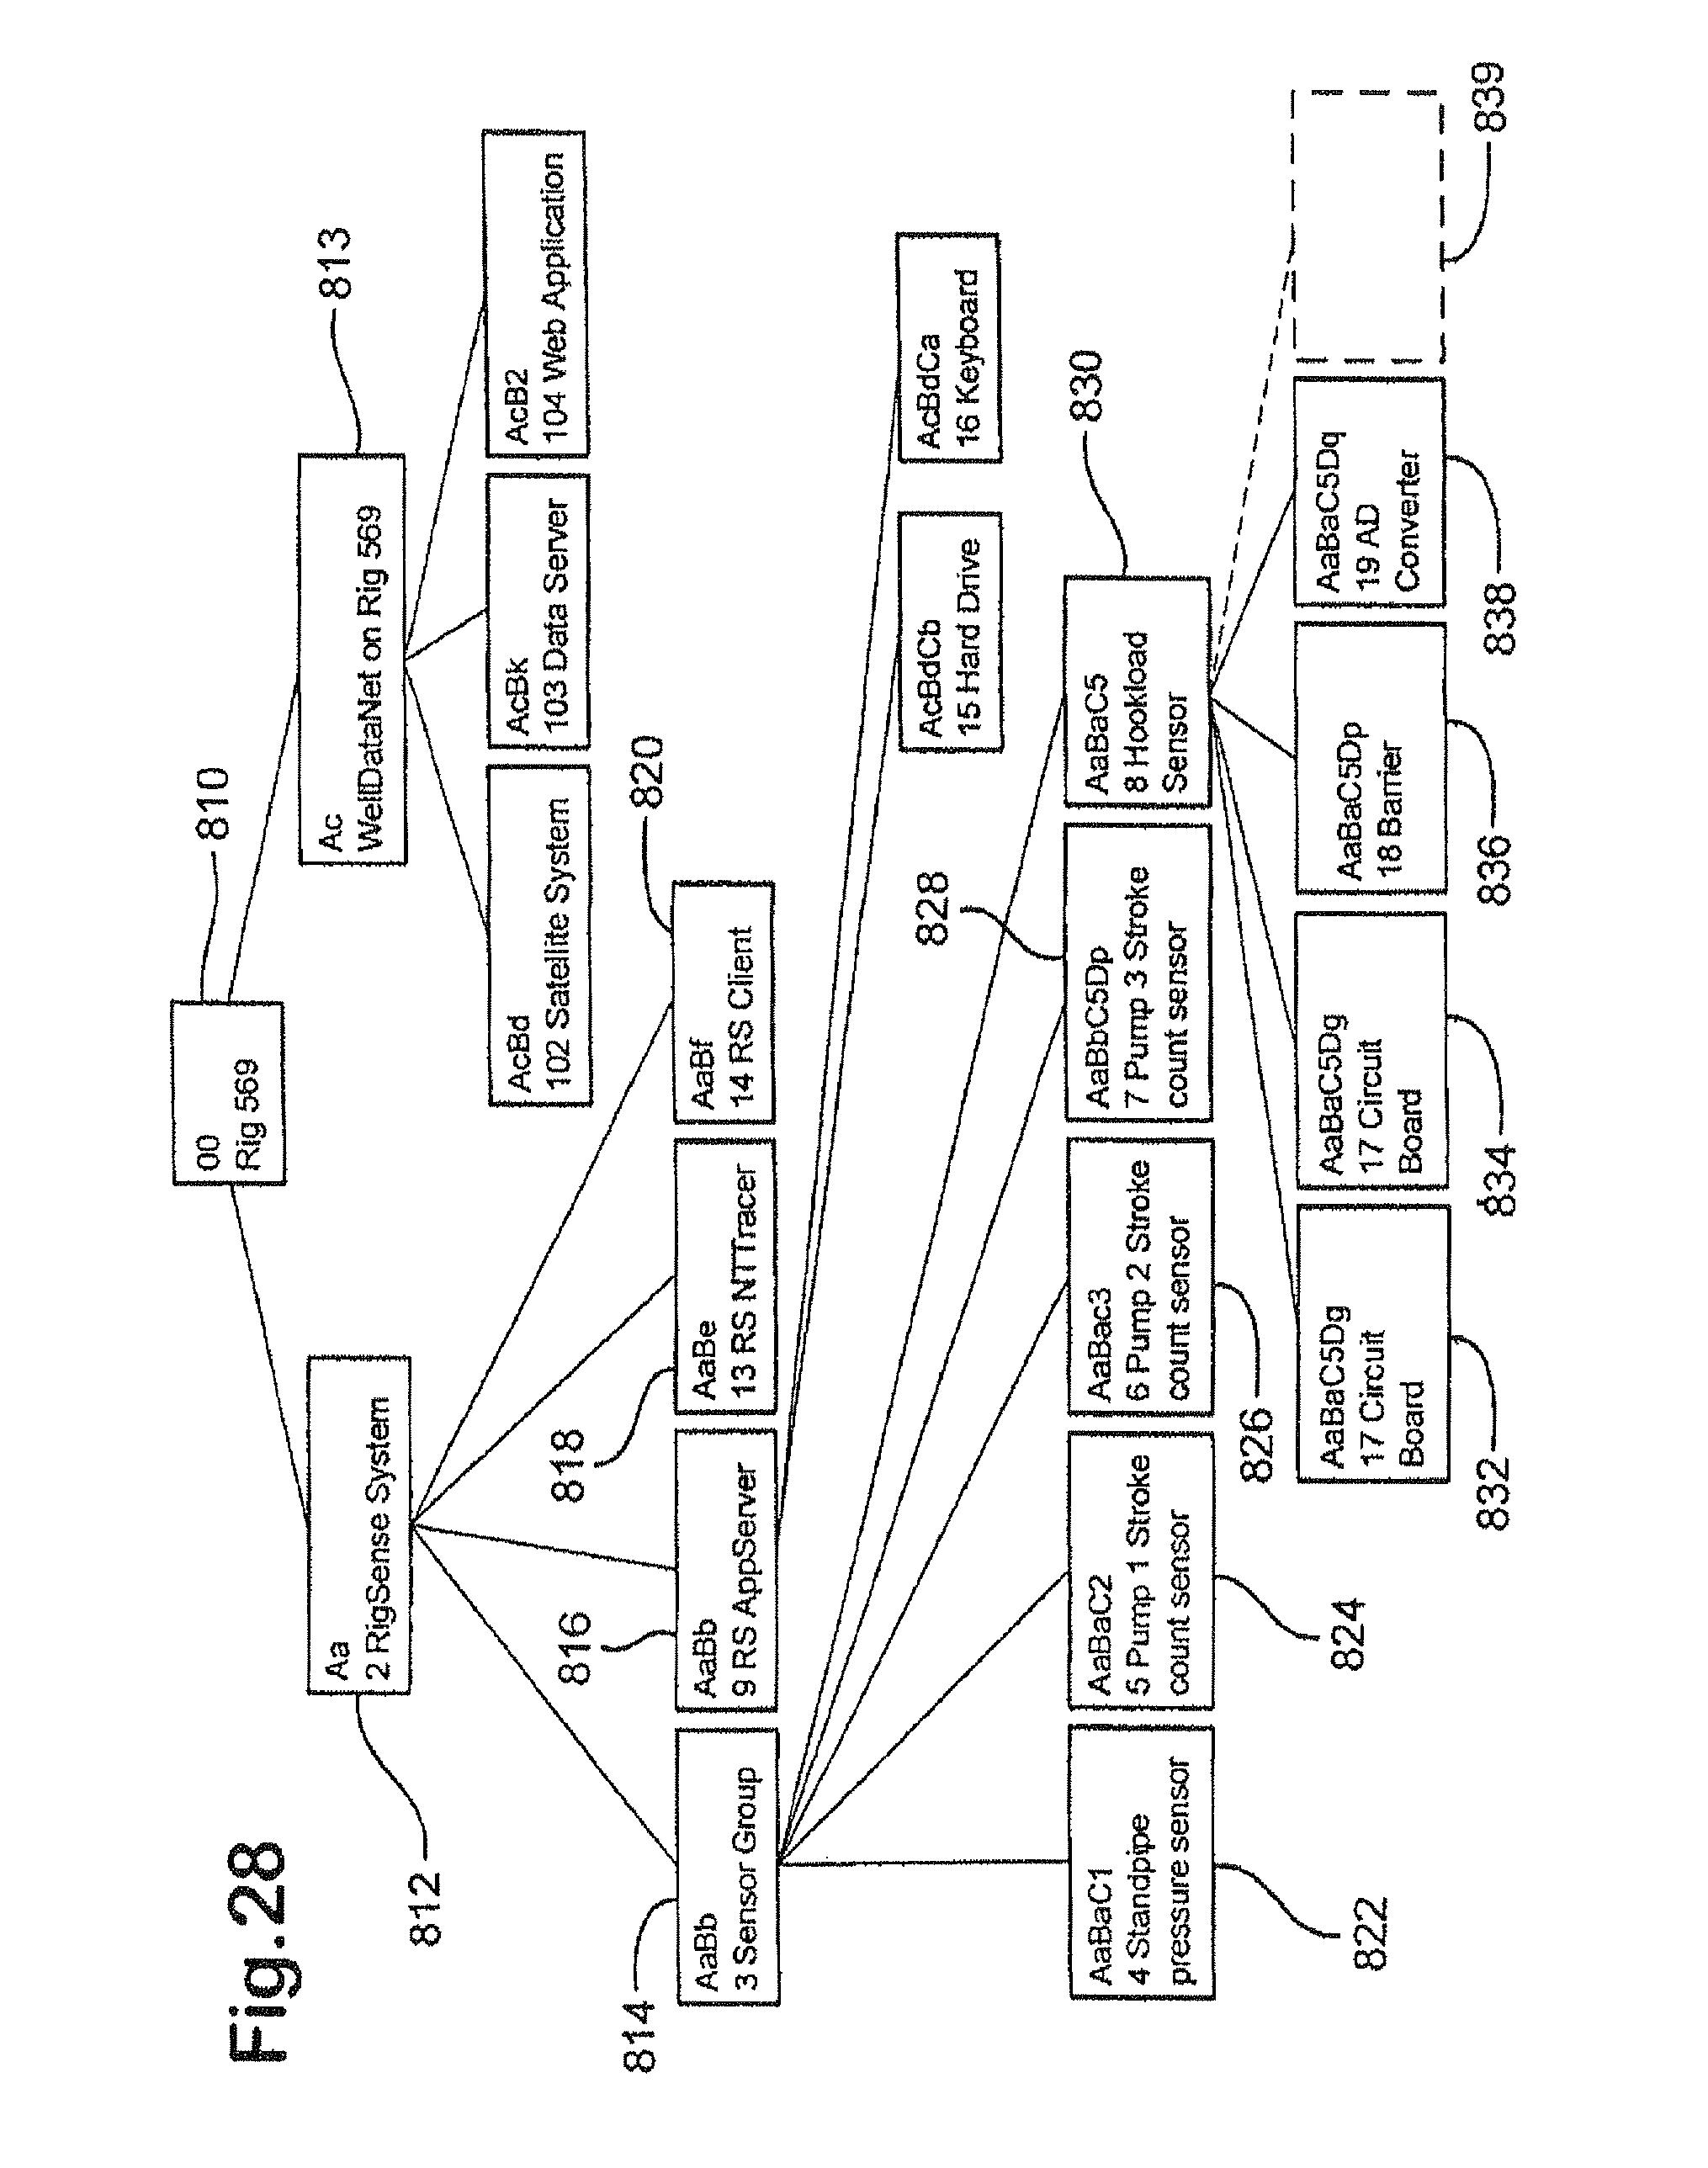 violin b guitar wiring diagram guitar brands a